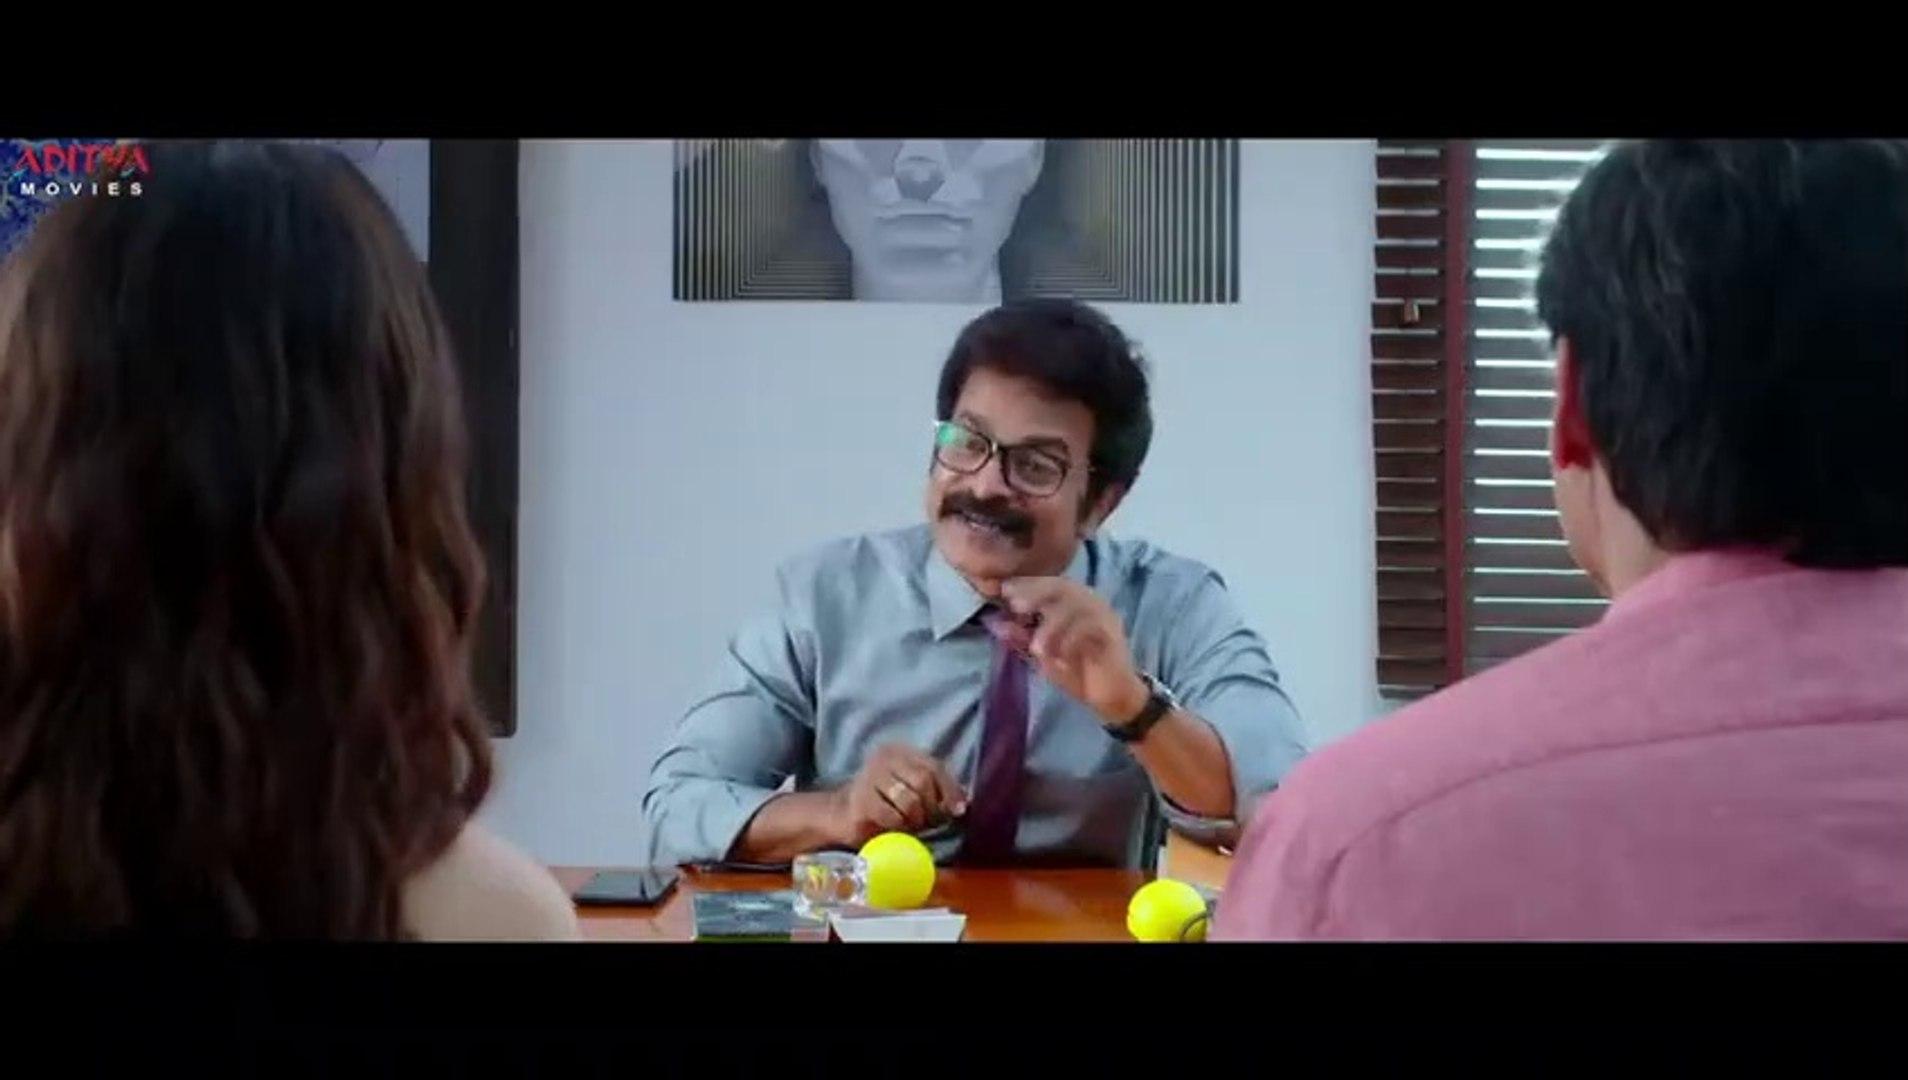 New Hindi Movie 2019 - New Hindi Movie - Hindi Movie 2019 - Hindi Movie